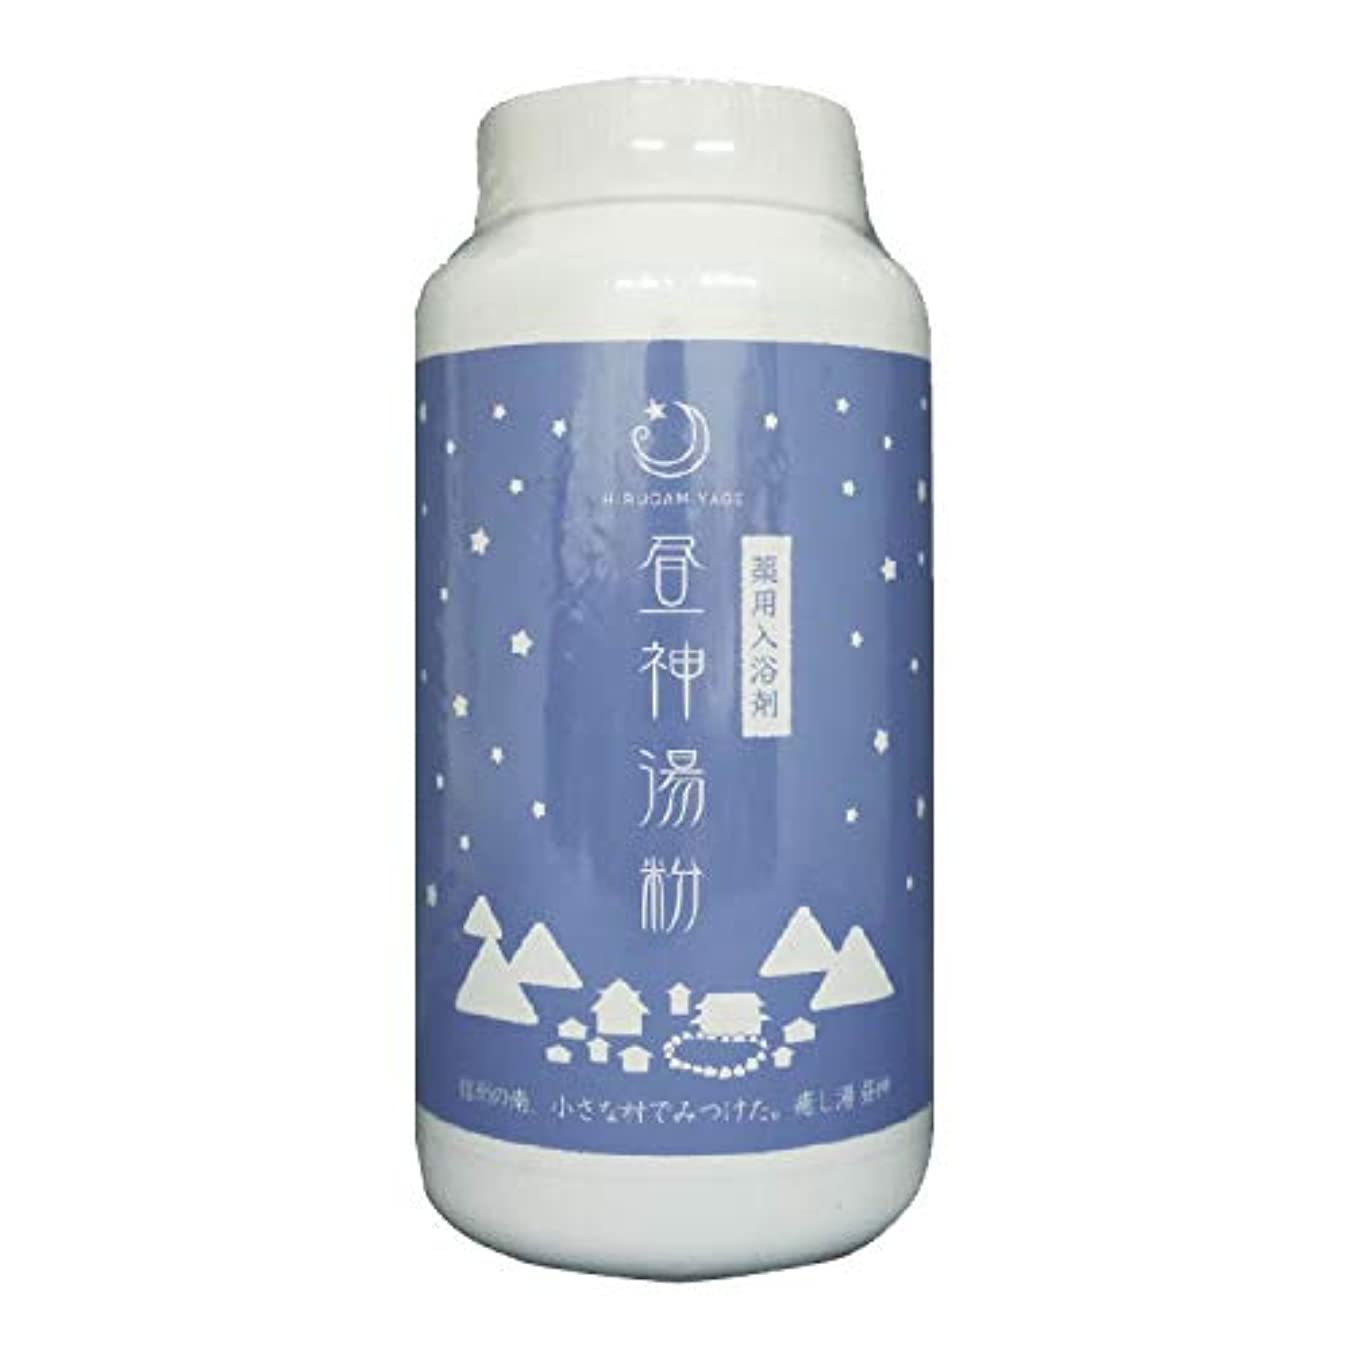 収まる健全生活昼神の湯 薬用入浴剤(医薬部外品)ボトル 昼神温泉郷